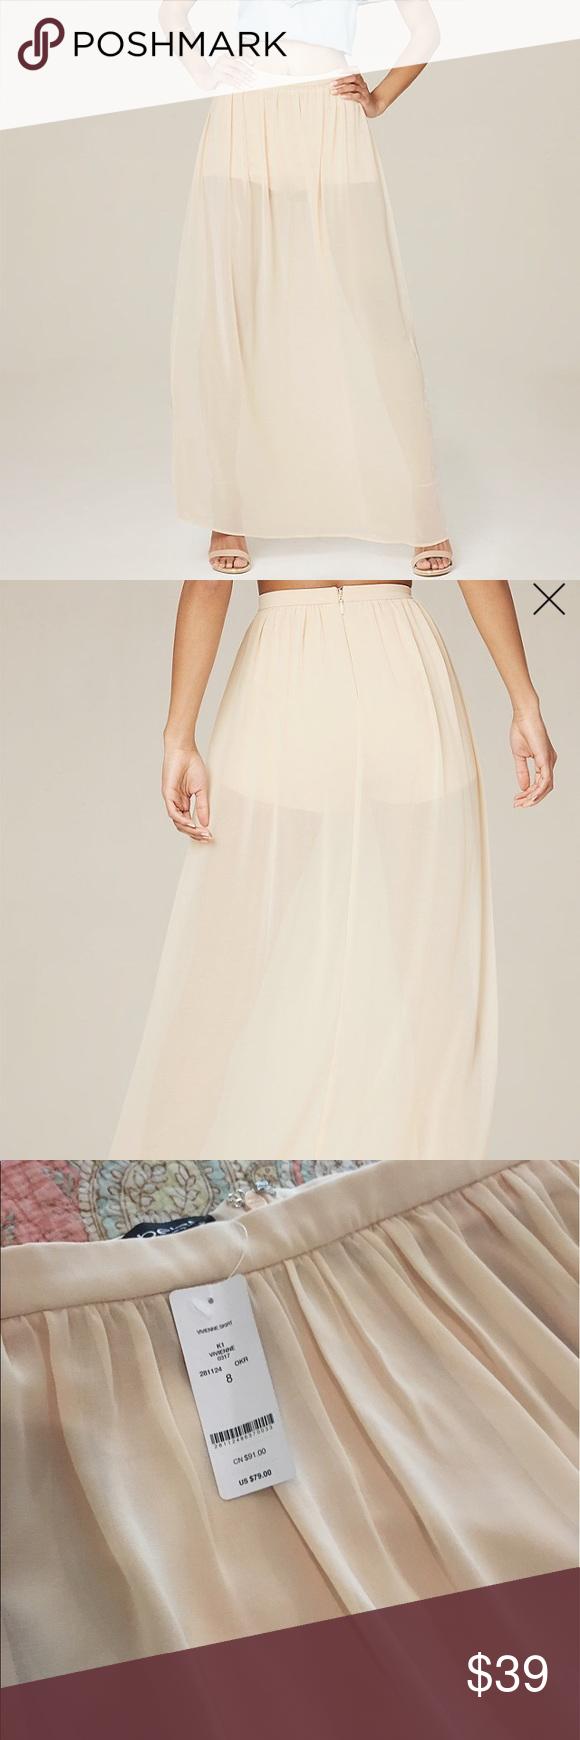 New bebe sheer long skirt bebe retail and shorts